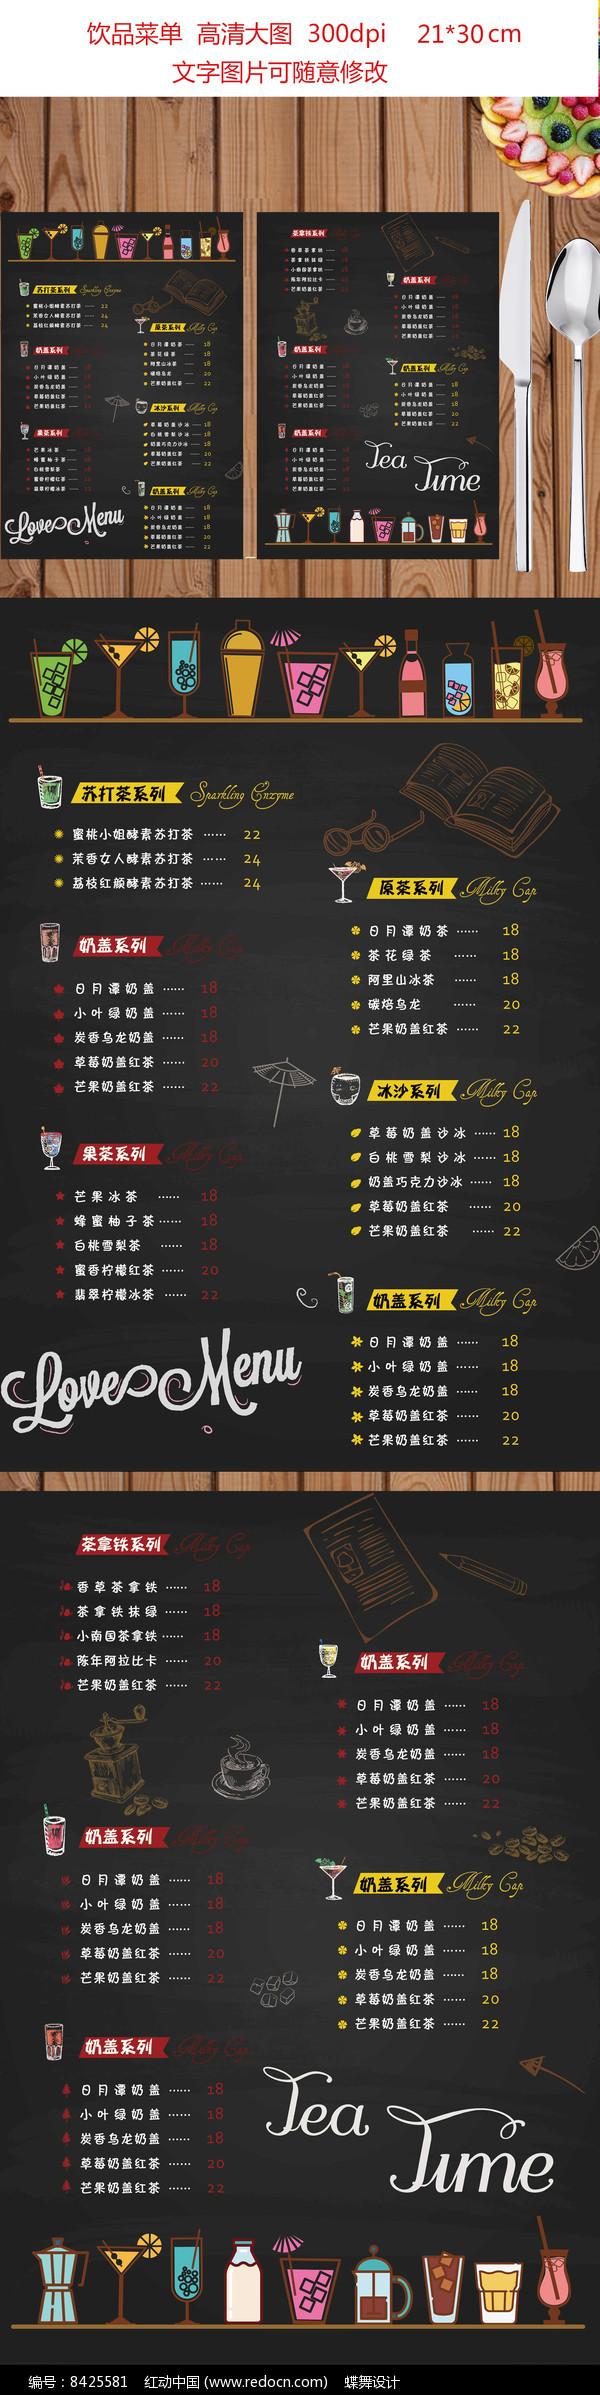 手绘黑板粉笔冷饮店饮品店菜单图片图片